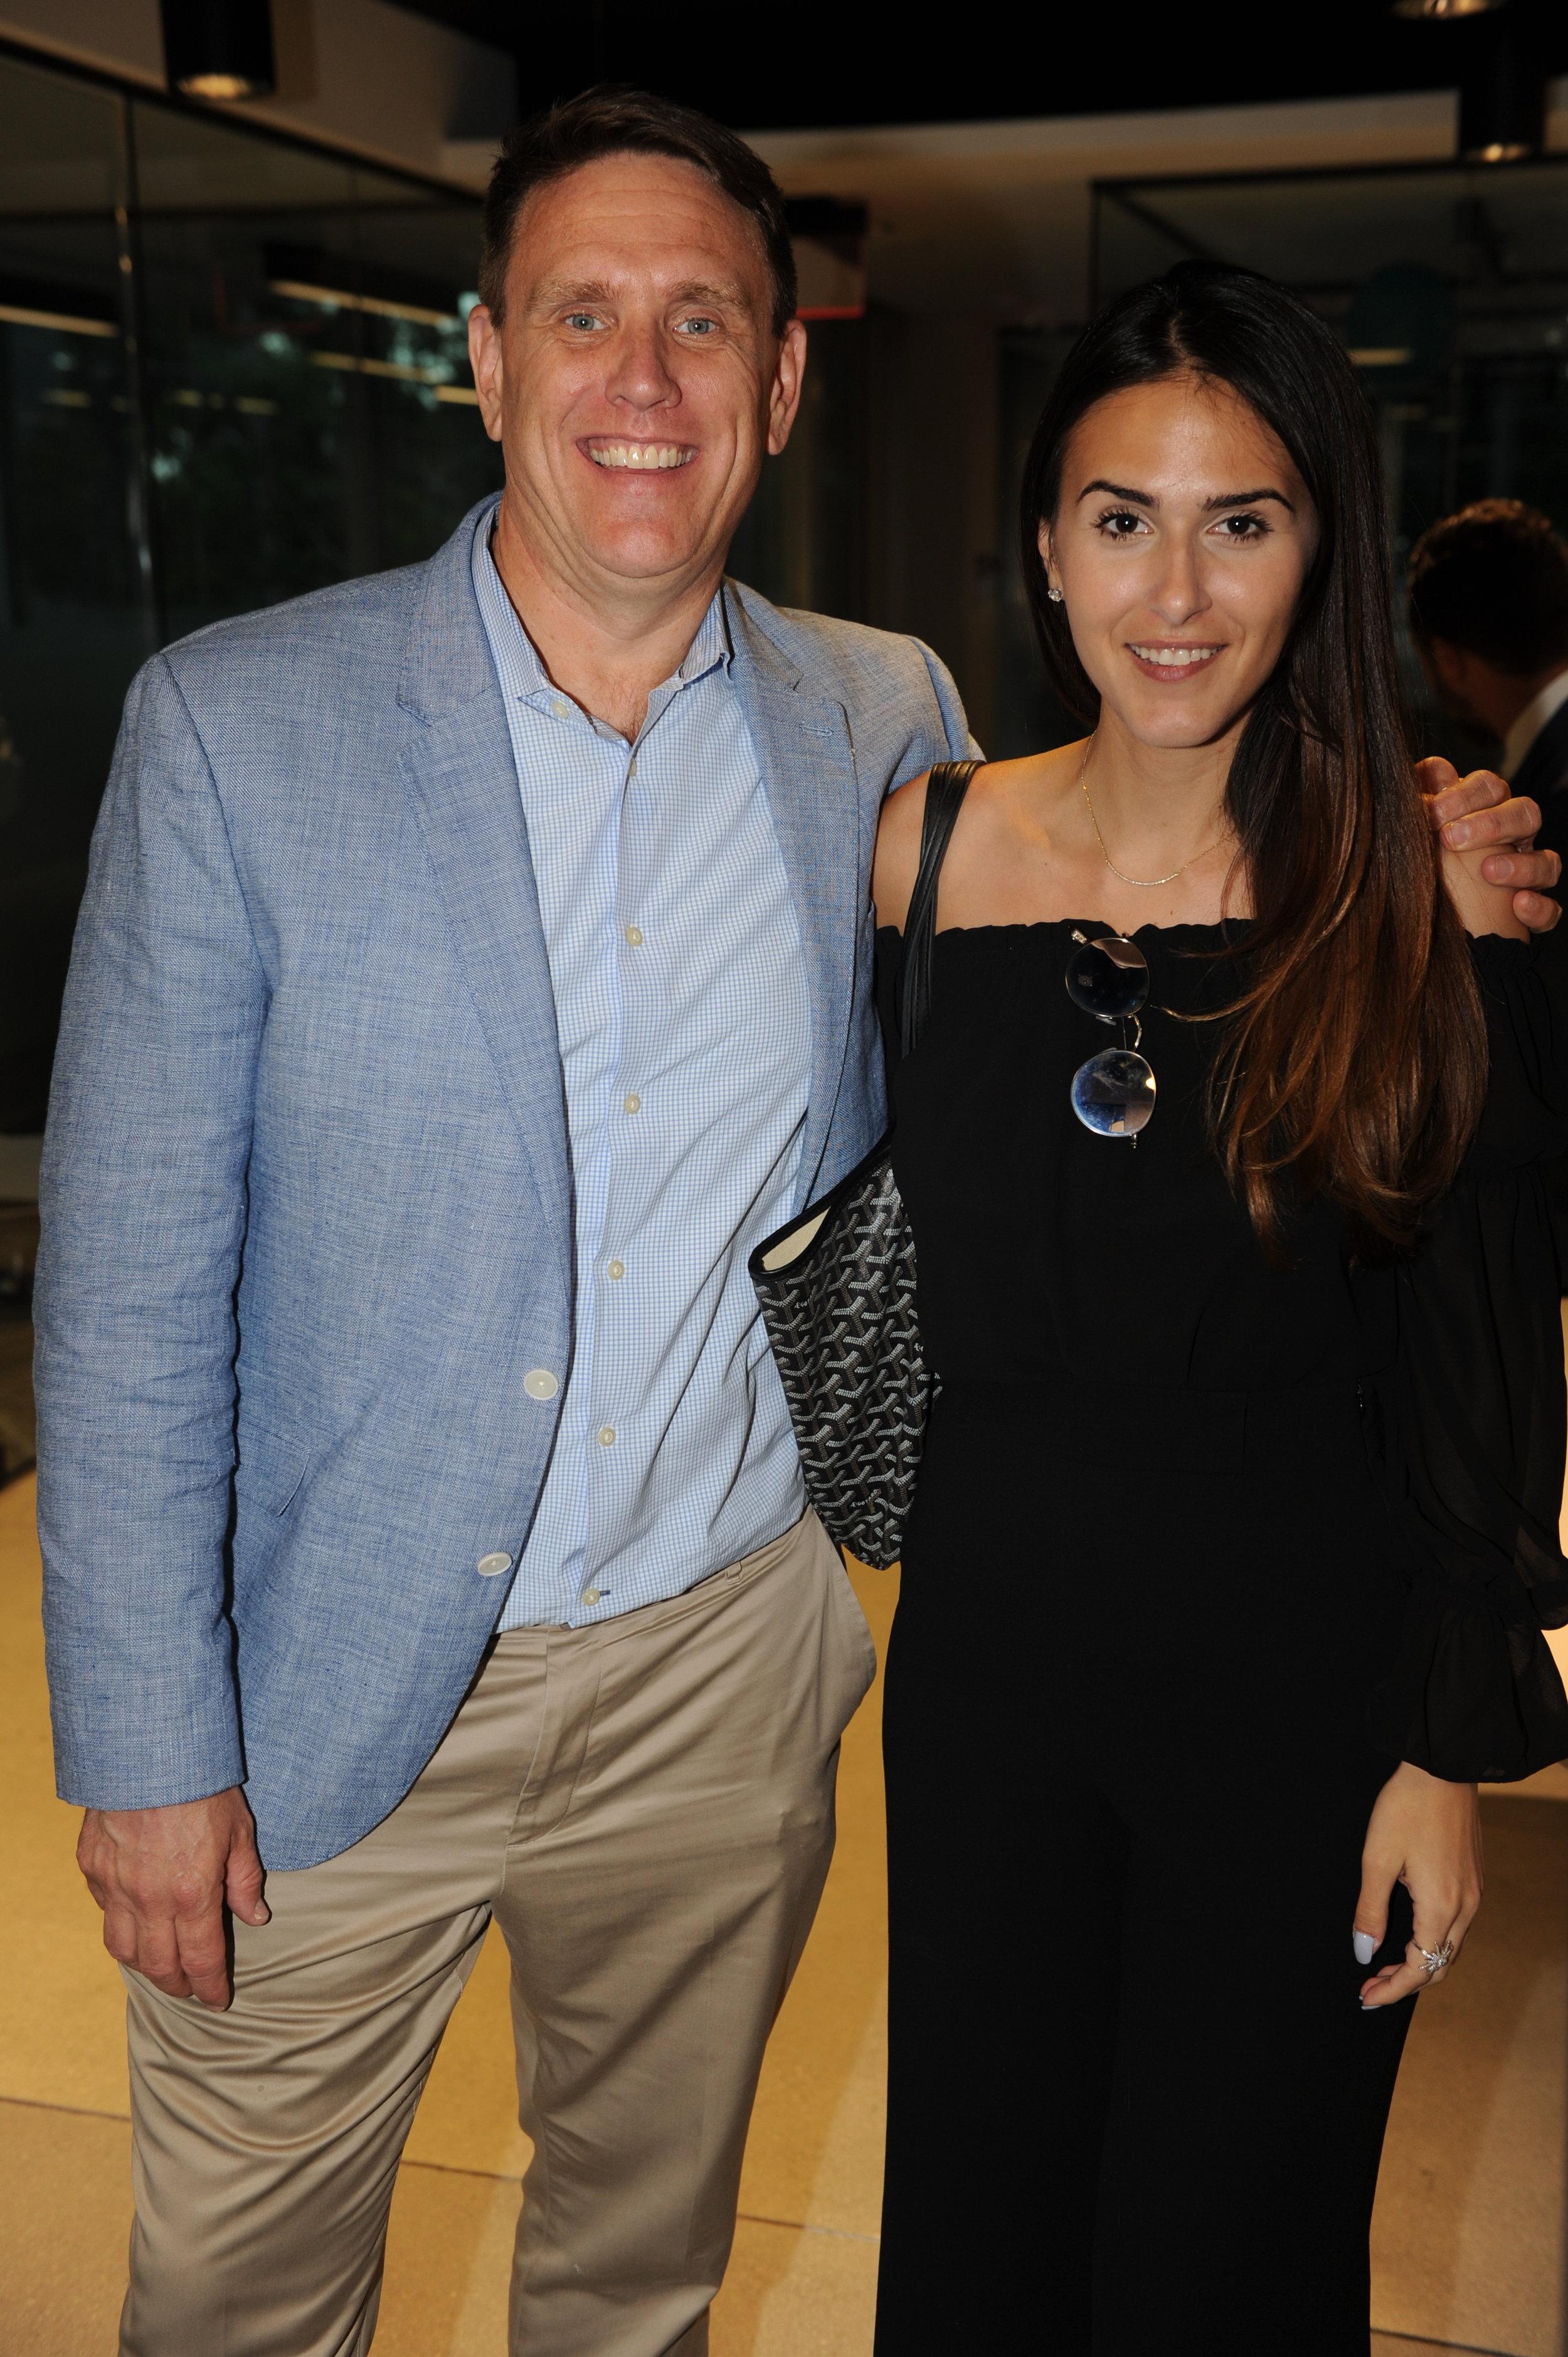 Stephen Larkin & Ashley Salom